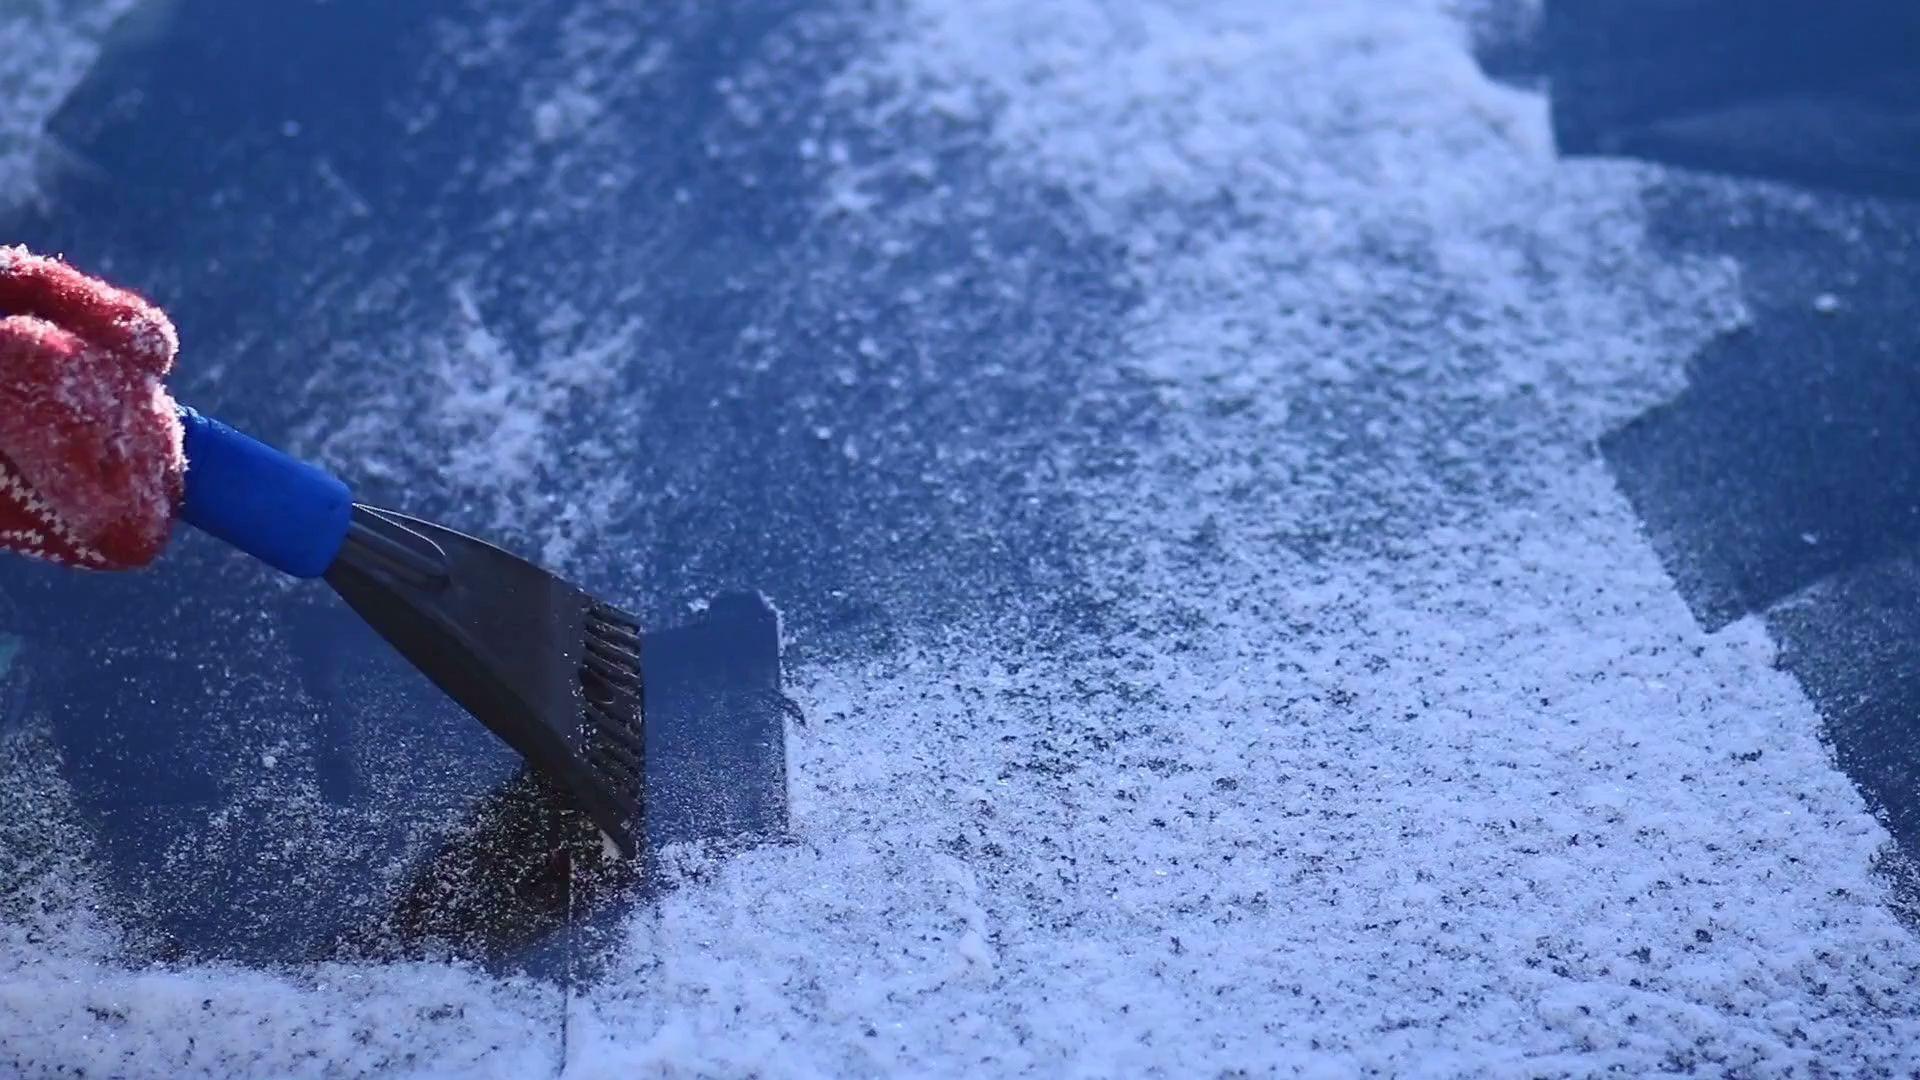 Diese Strafe droht beim Eiskratzen mit laufendem Motor